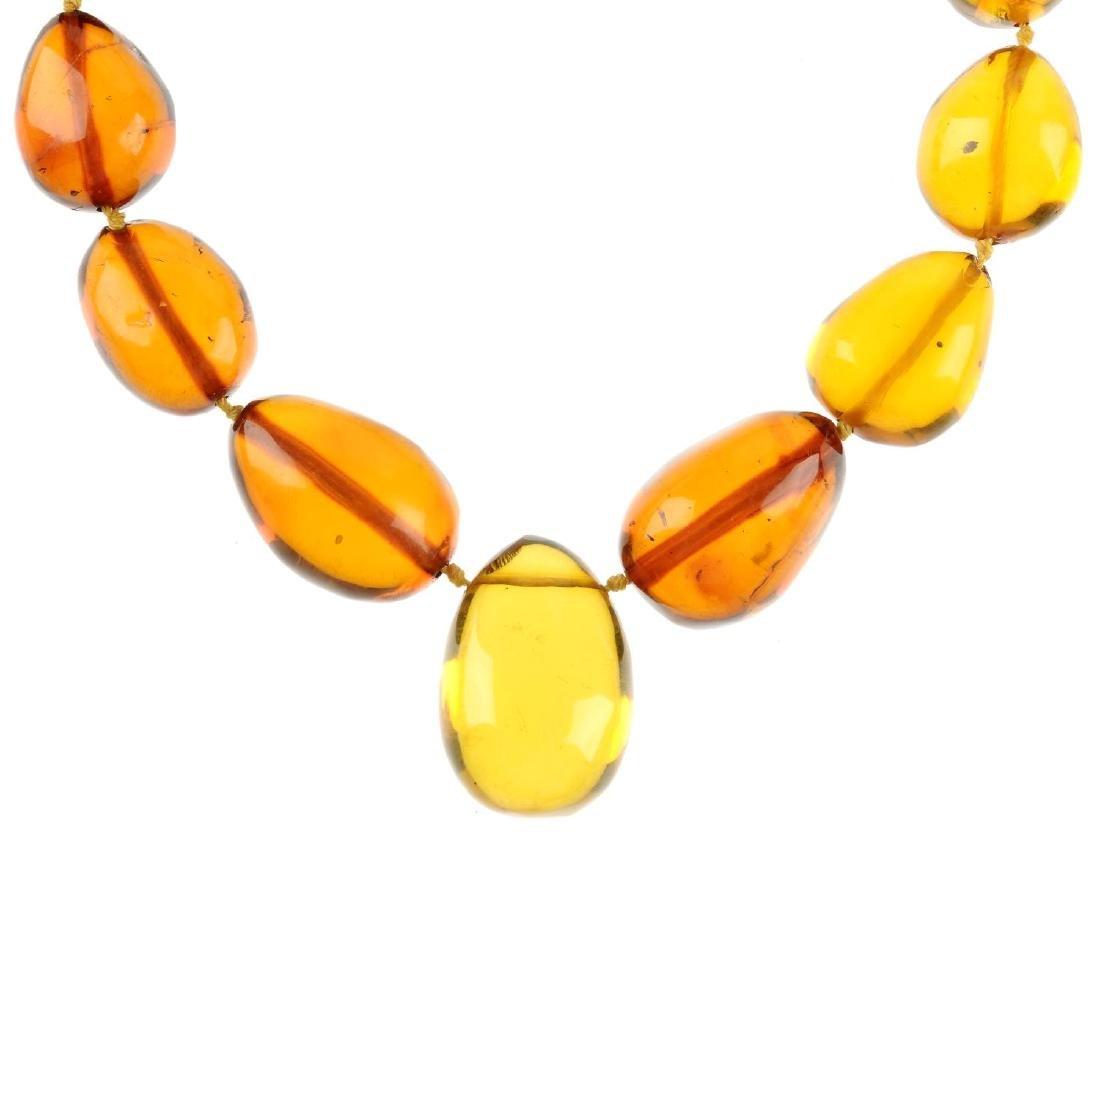 A natural amber necklace. Comprising twenty-nine